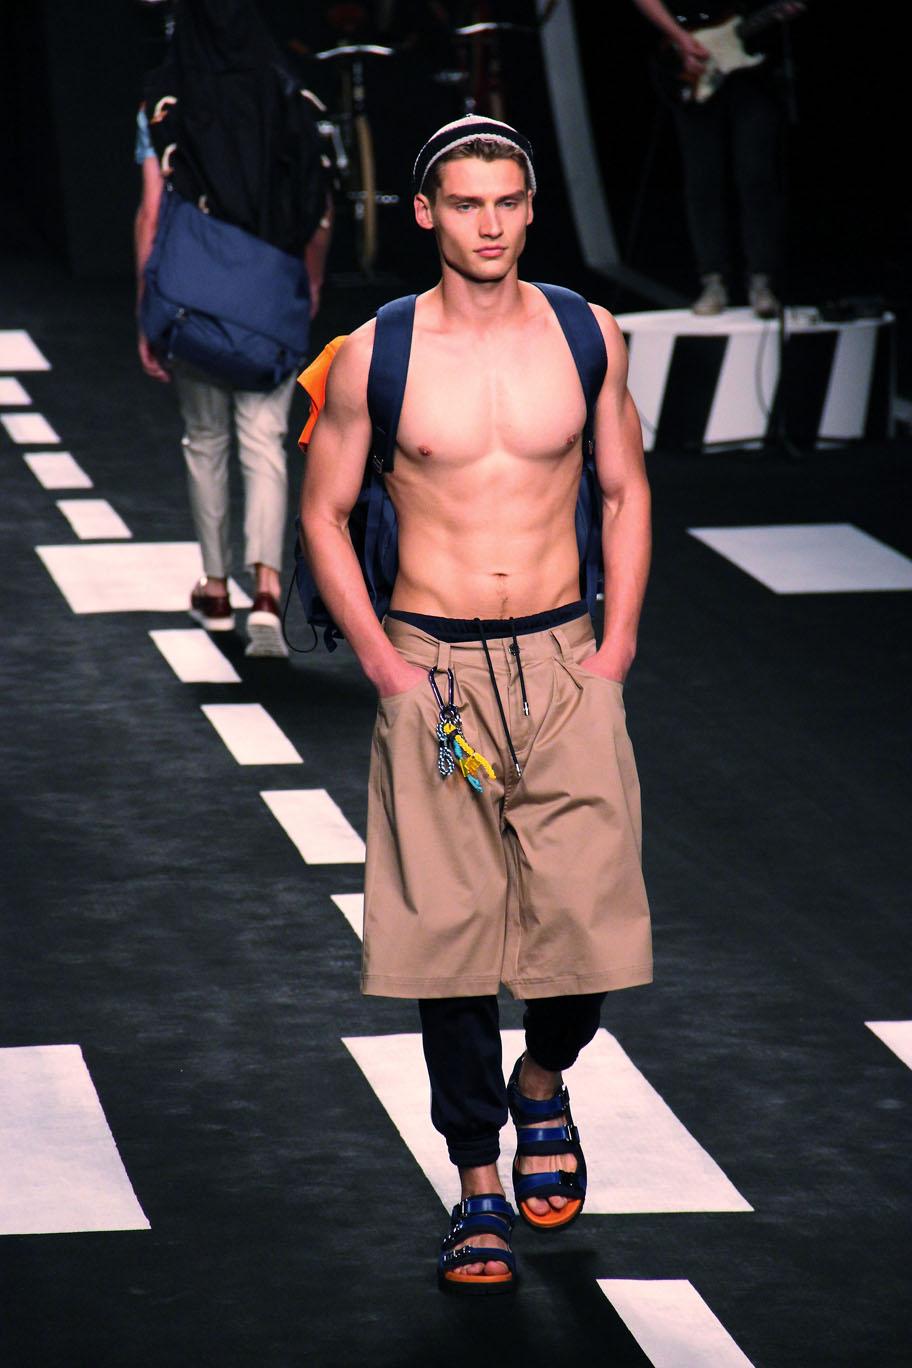 frankie-morello-spring-summer-2012-men-collection-milano-fashion-week-2012-frankie-morello-primavera-estate-frankie-morello-fashion-show-catwalk